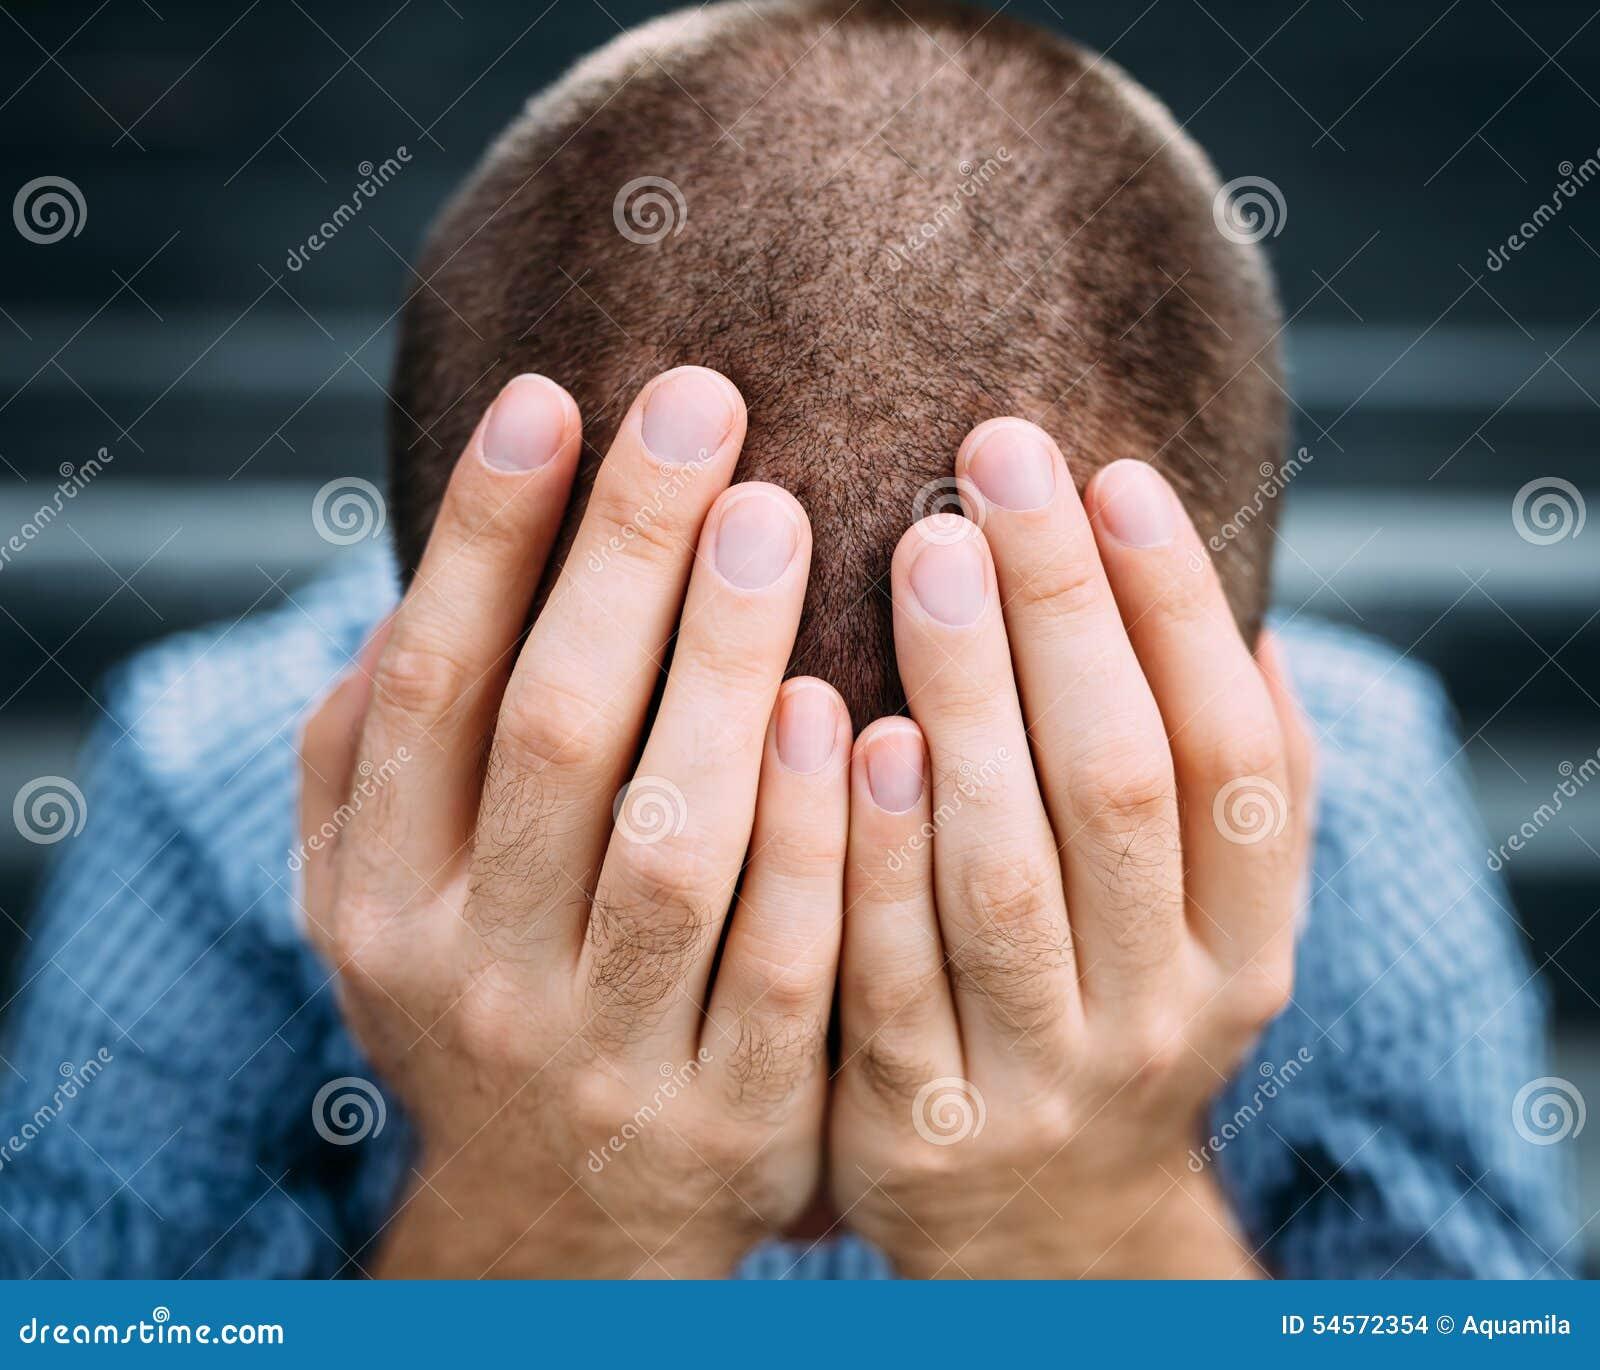 Nahaufnahme des verzweifelten jungen Mannes, der sein Gesicht mit den Händen bedeckt